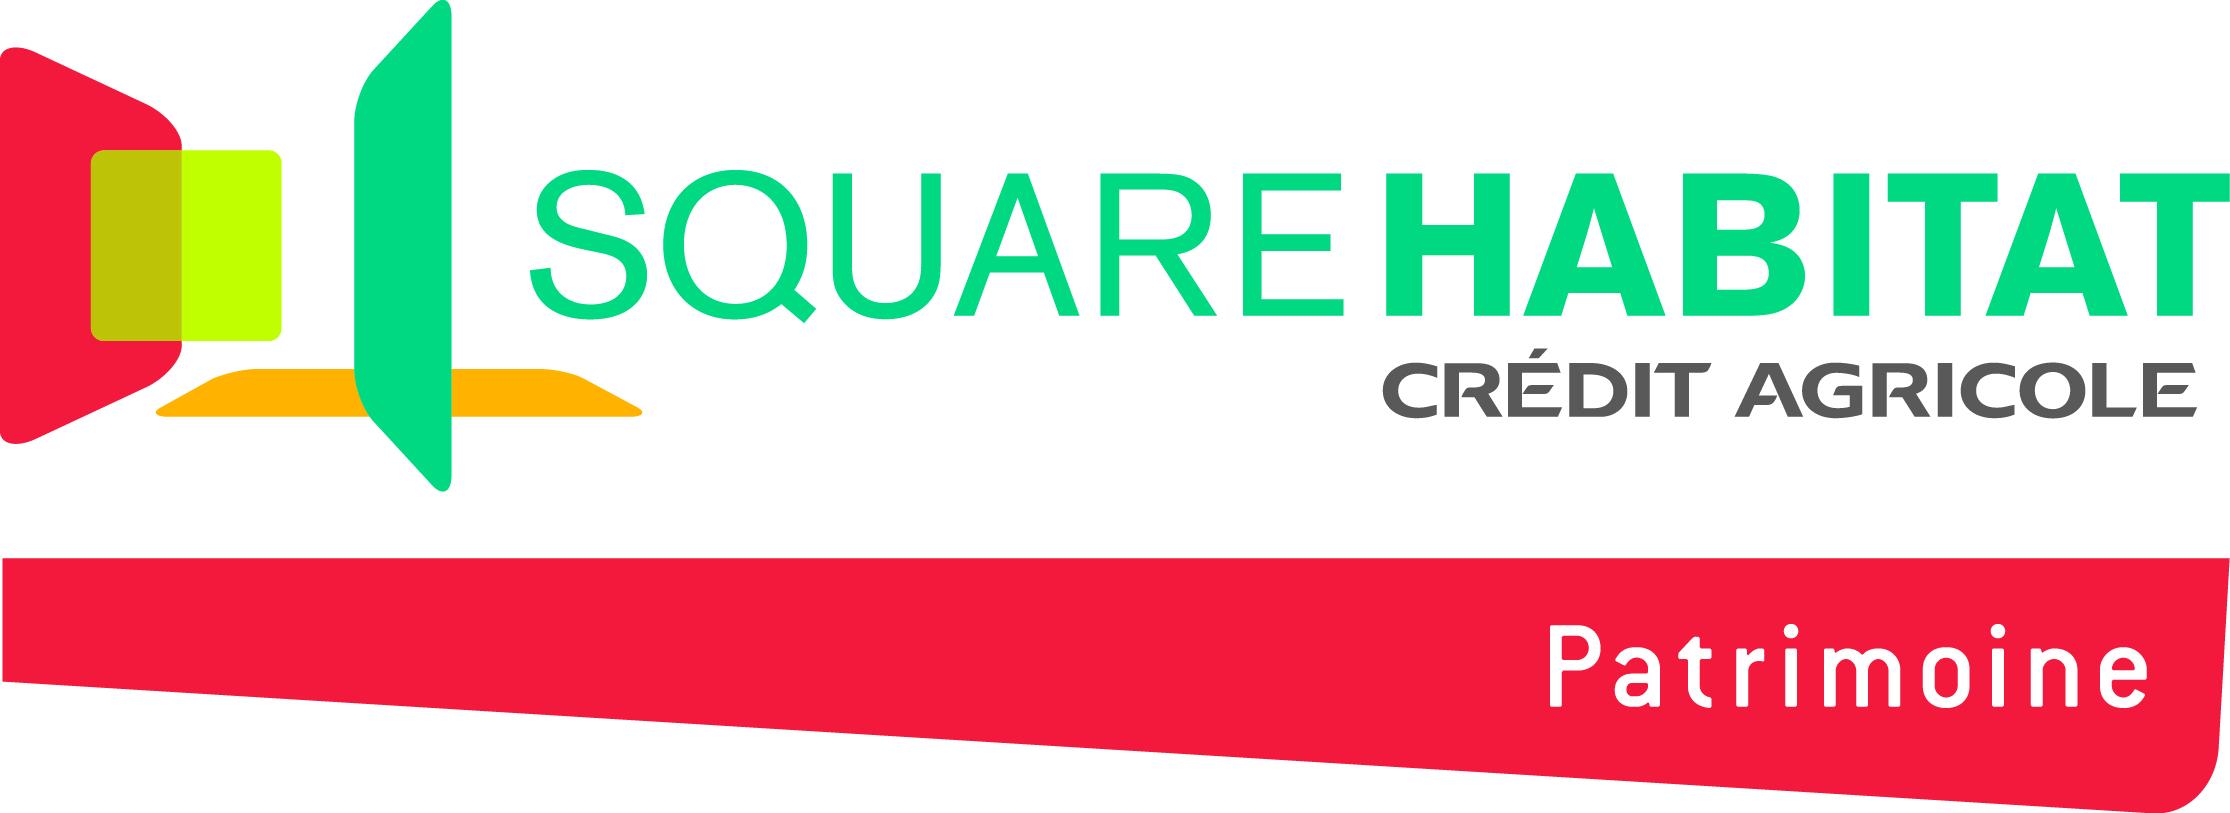 Square Habitat Patrimoine